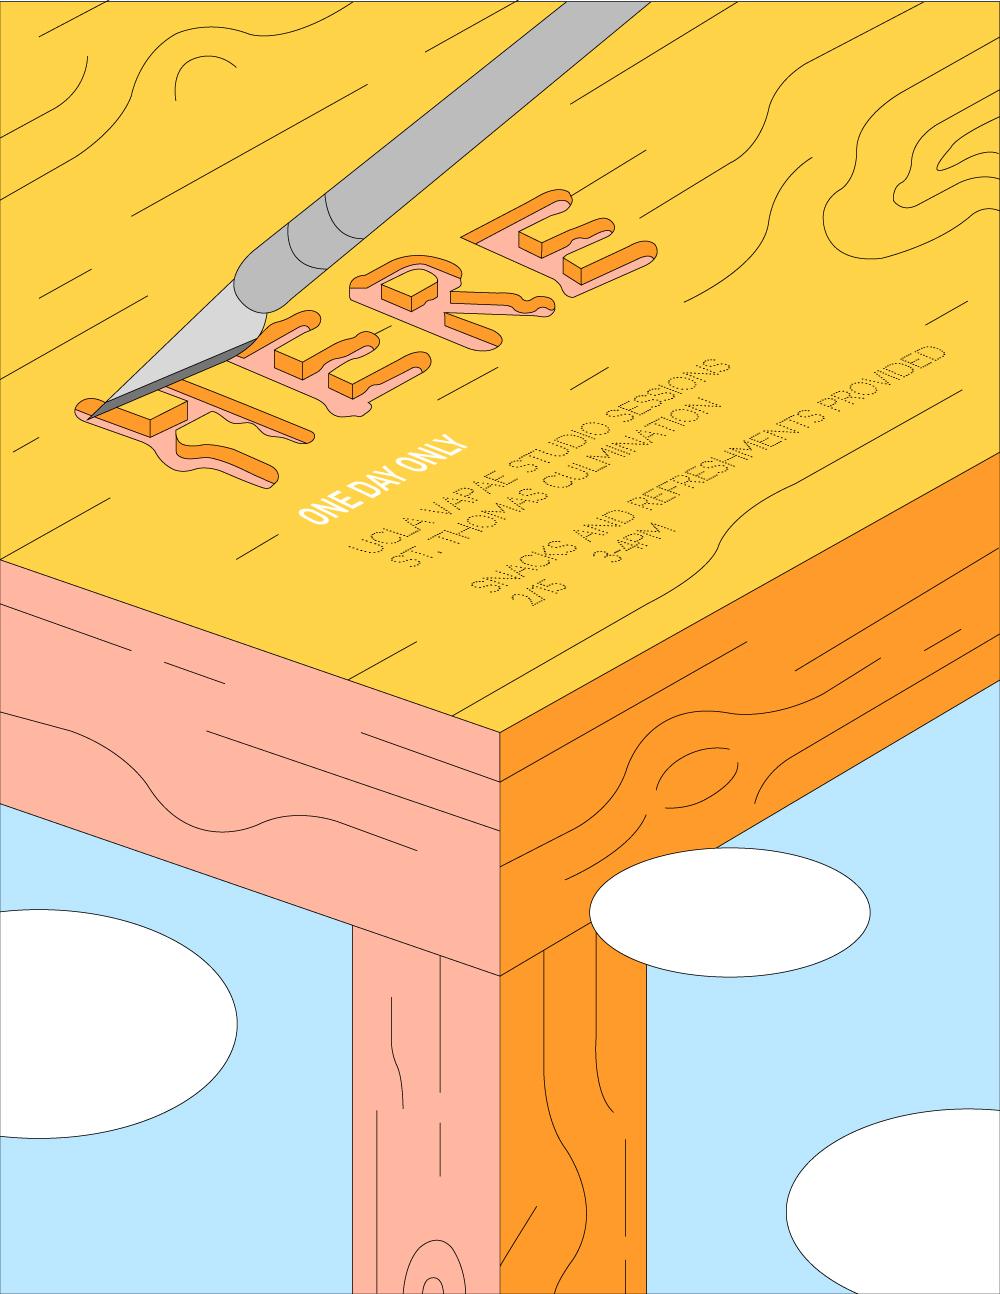 Poster Design for  UCLA VAPAE's Culmination Art Event